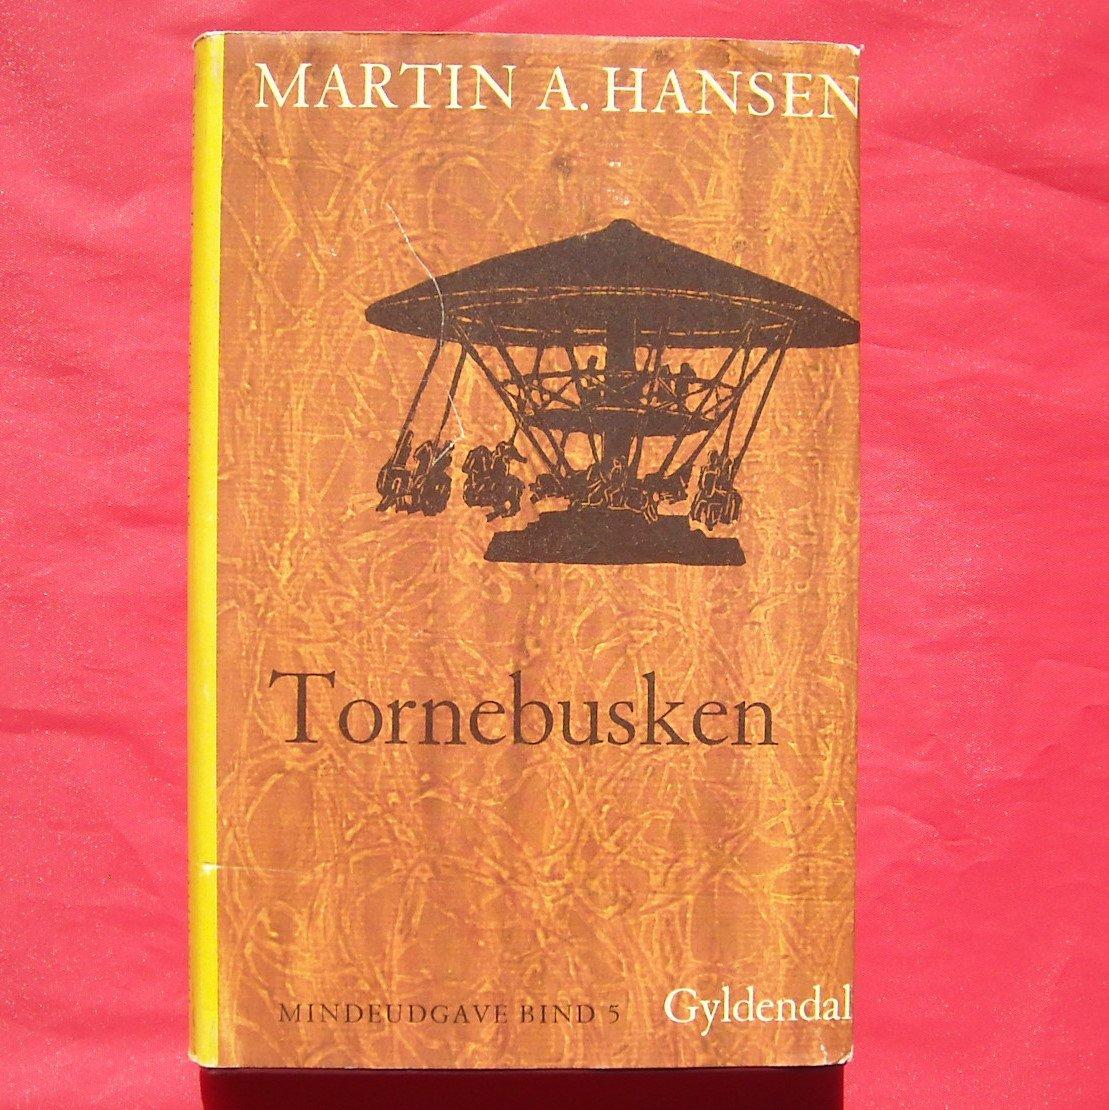 Martin A Hansen TORNEBUSKEN Gyldendal Mindeudgave In DANISH